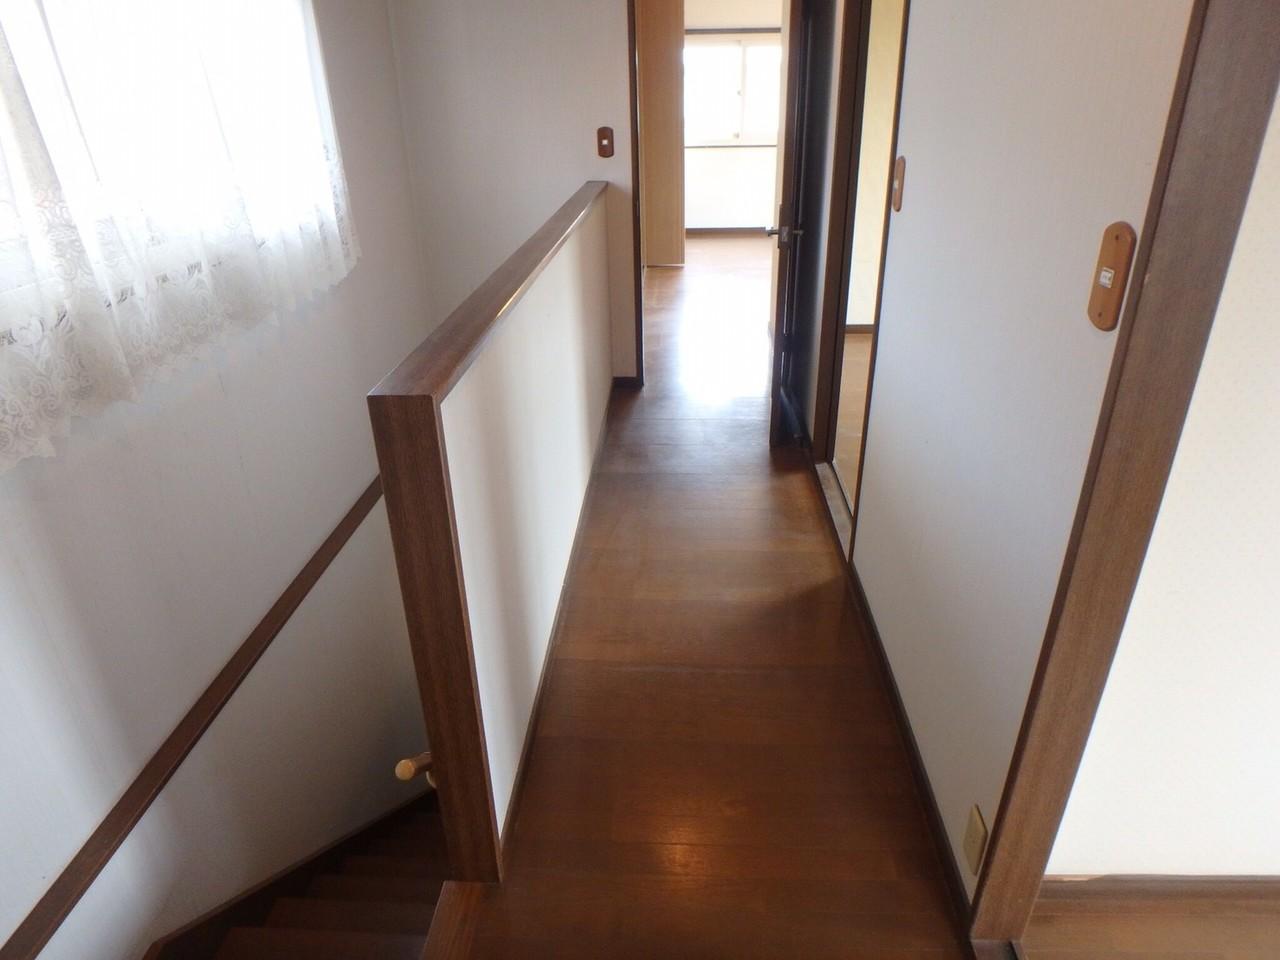 曲がり階段をあがると、吹き抜けの廊下になっています。 窓からの日差しが明るく照らしてくれています。